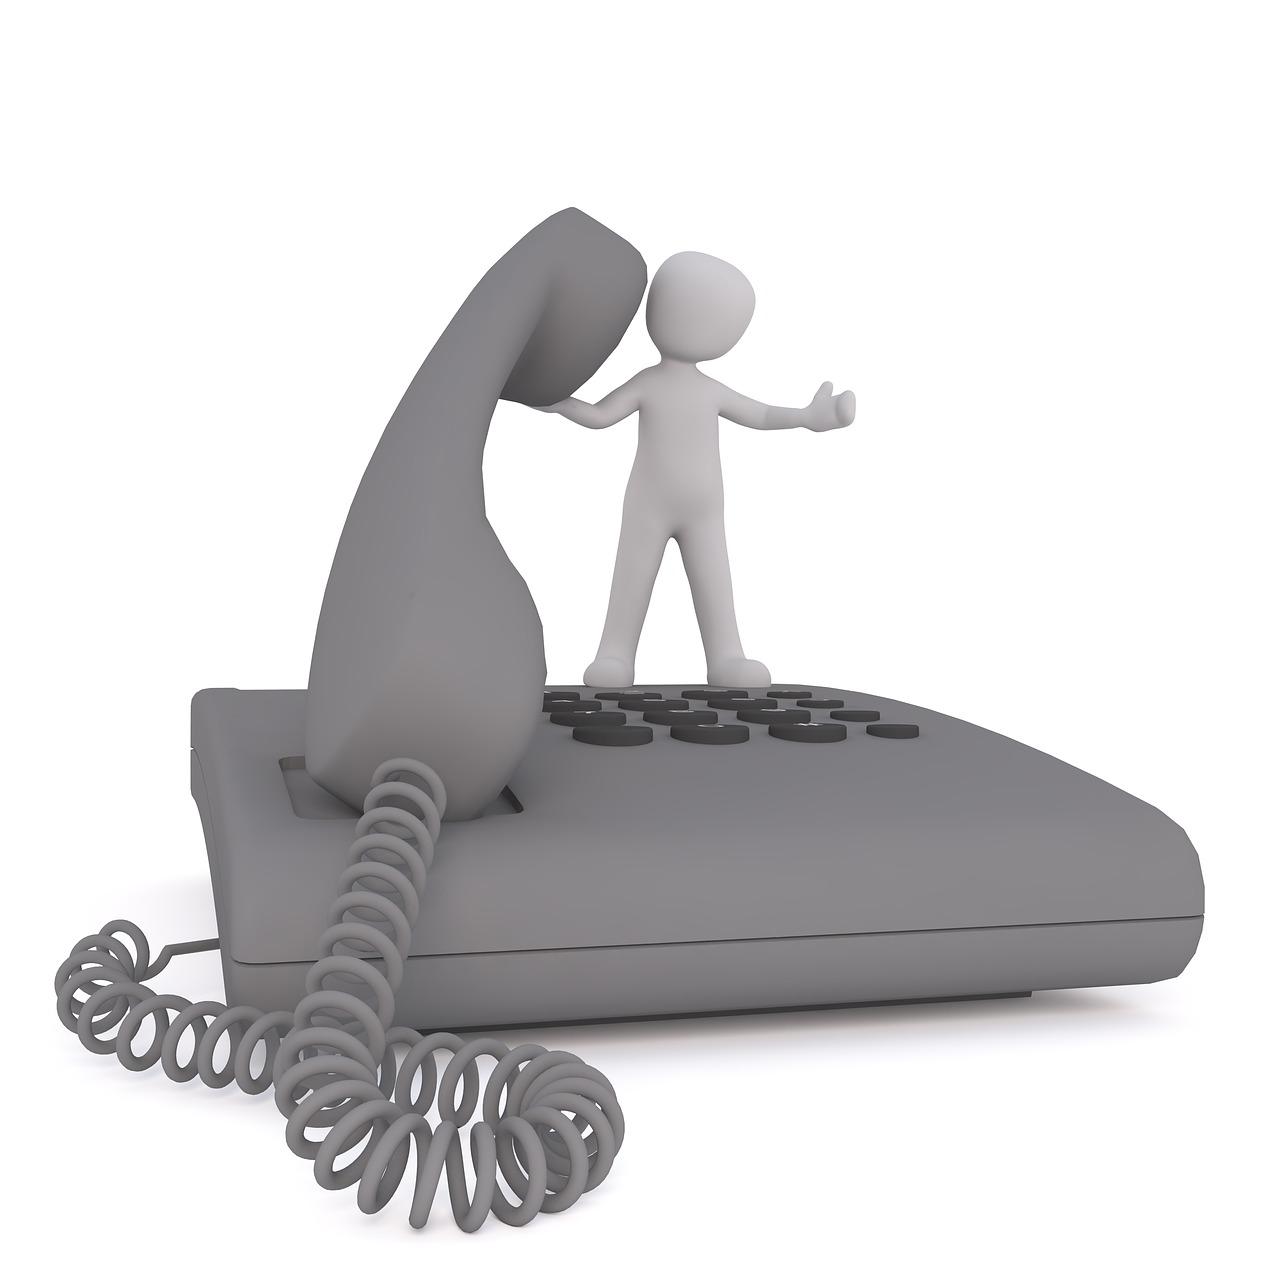 ビジネスフォンから外線に電話したい!外線のかけ方のまとめ